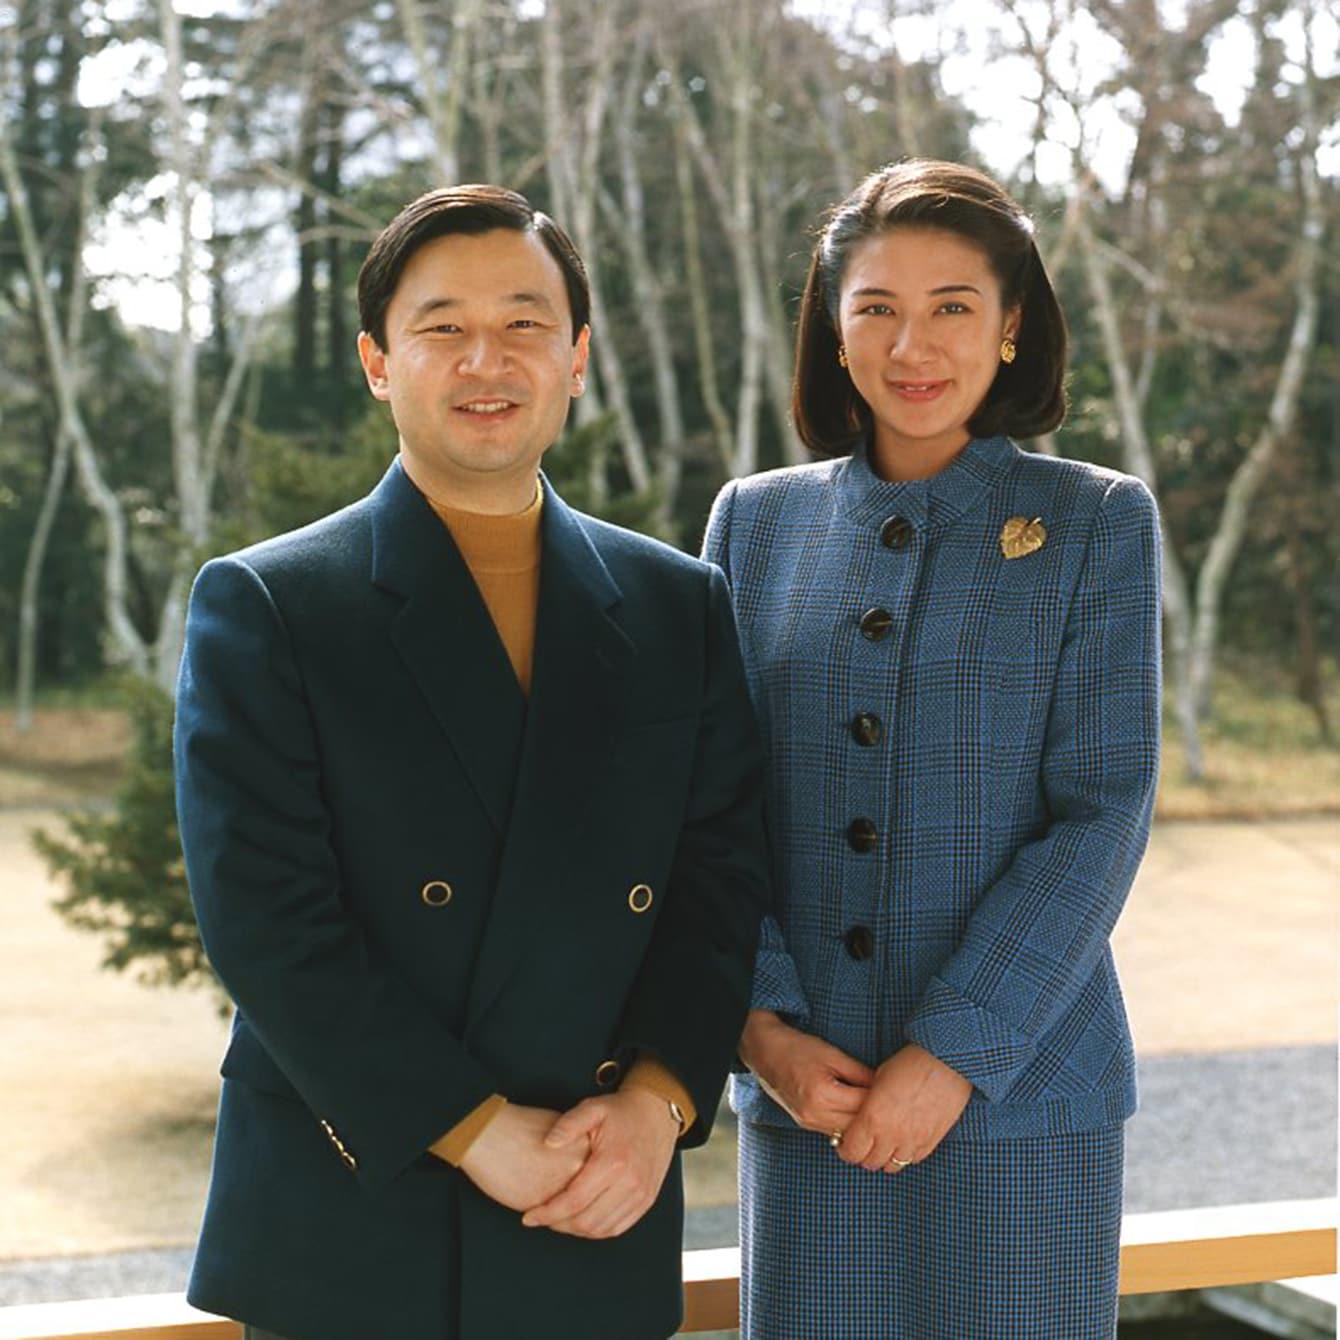 チェック柄のブルーのスーツで皇太子さまのお誕生日の記念撮影を